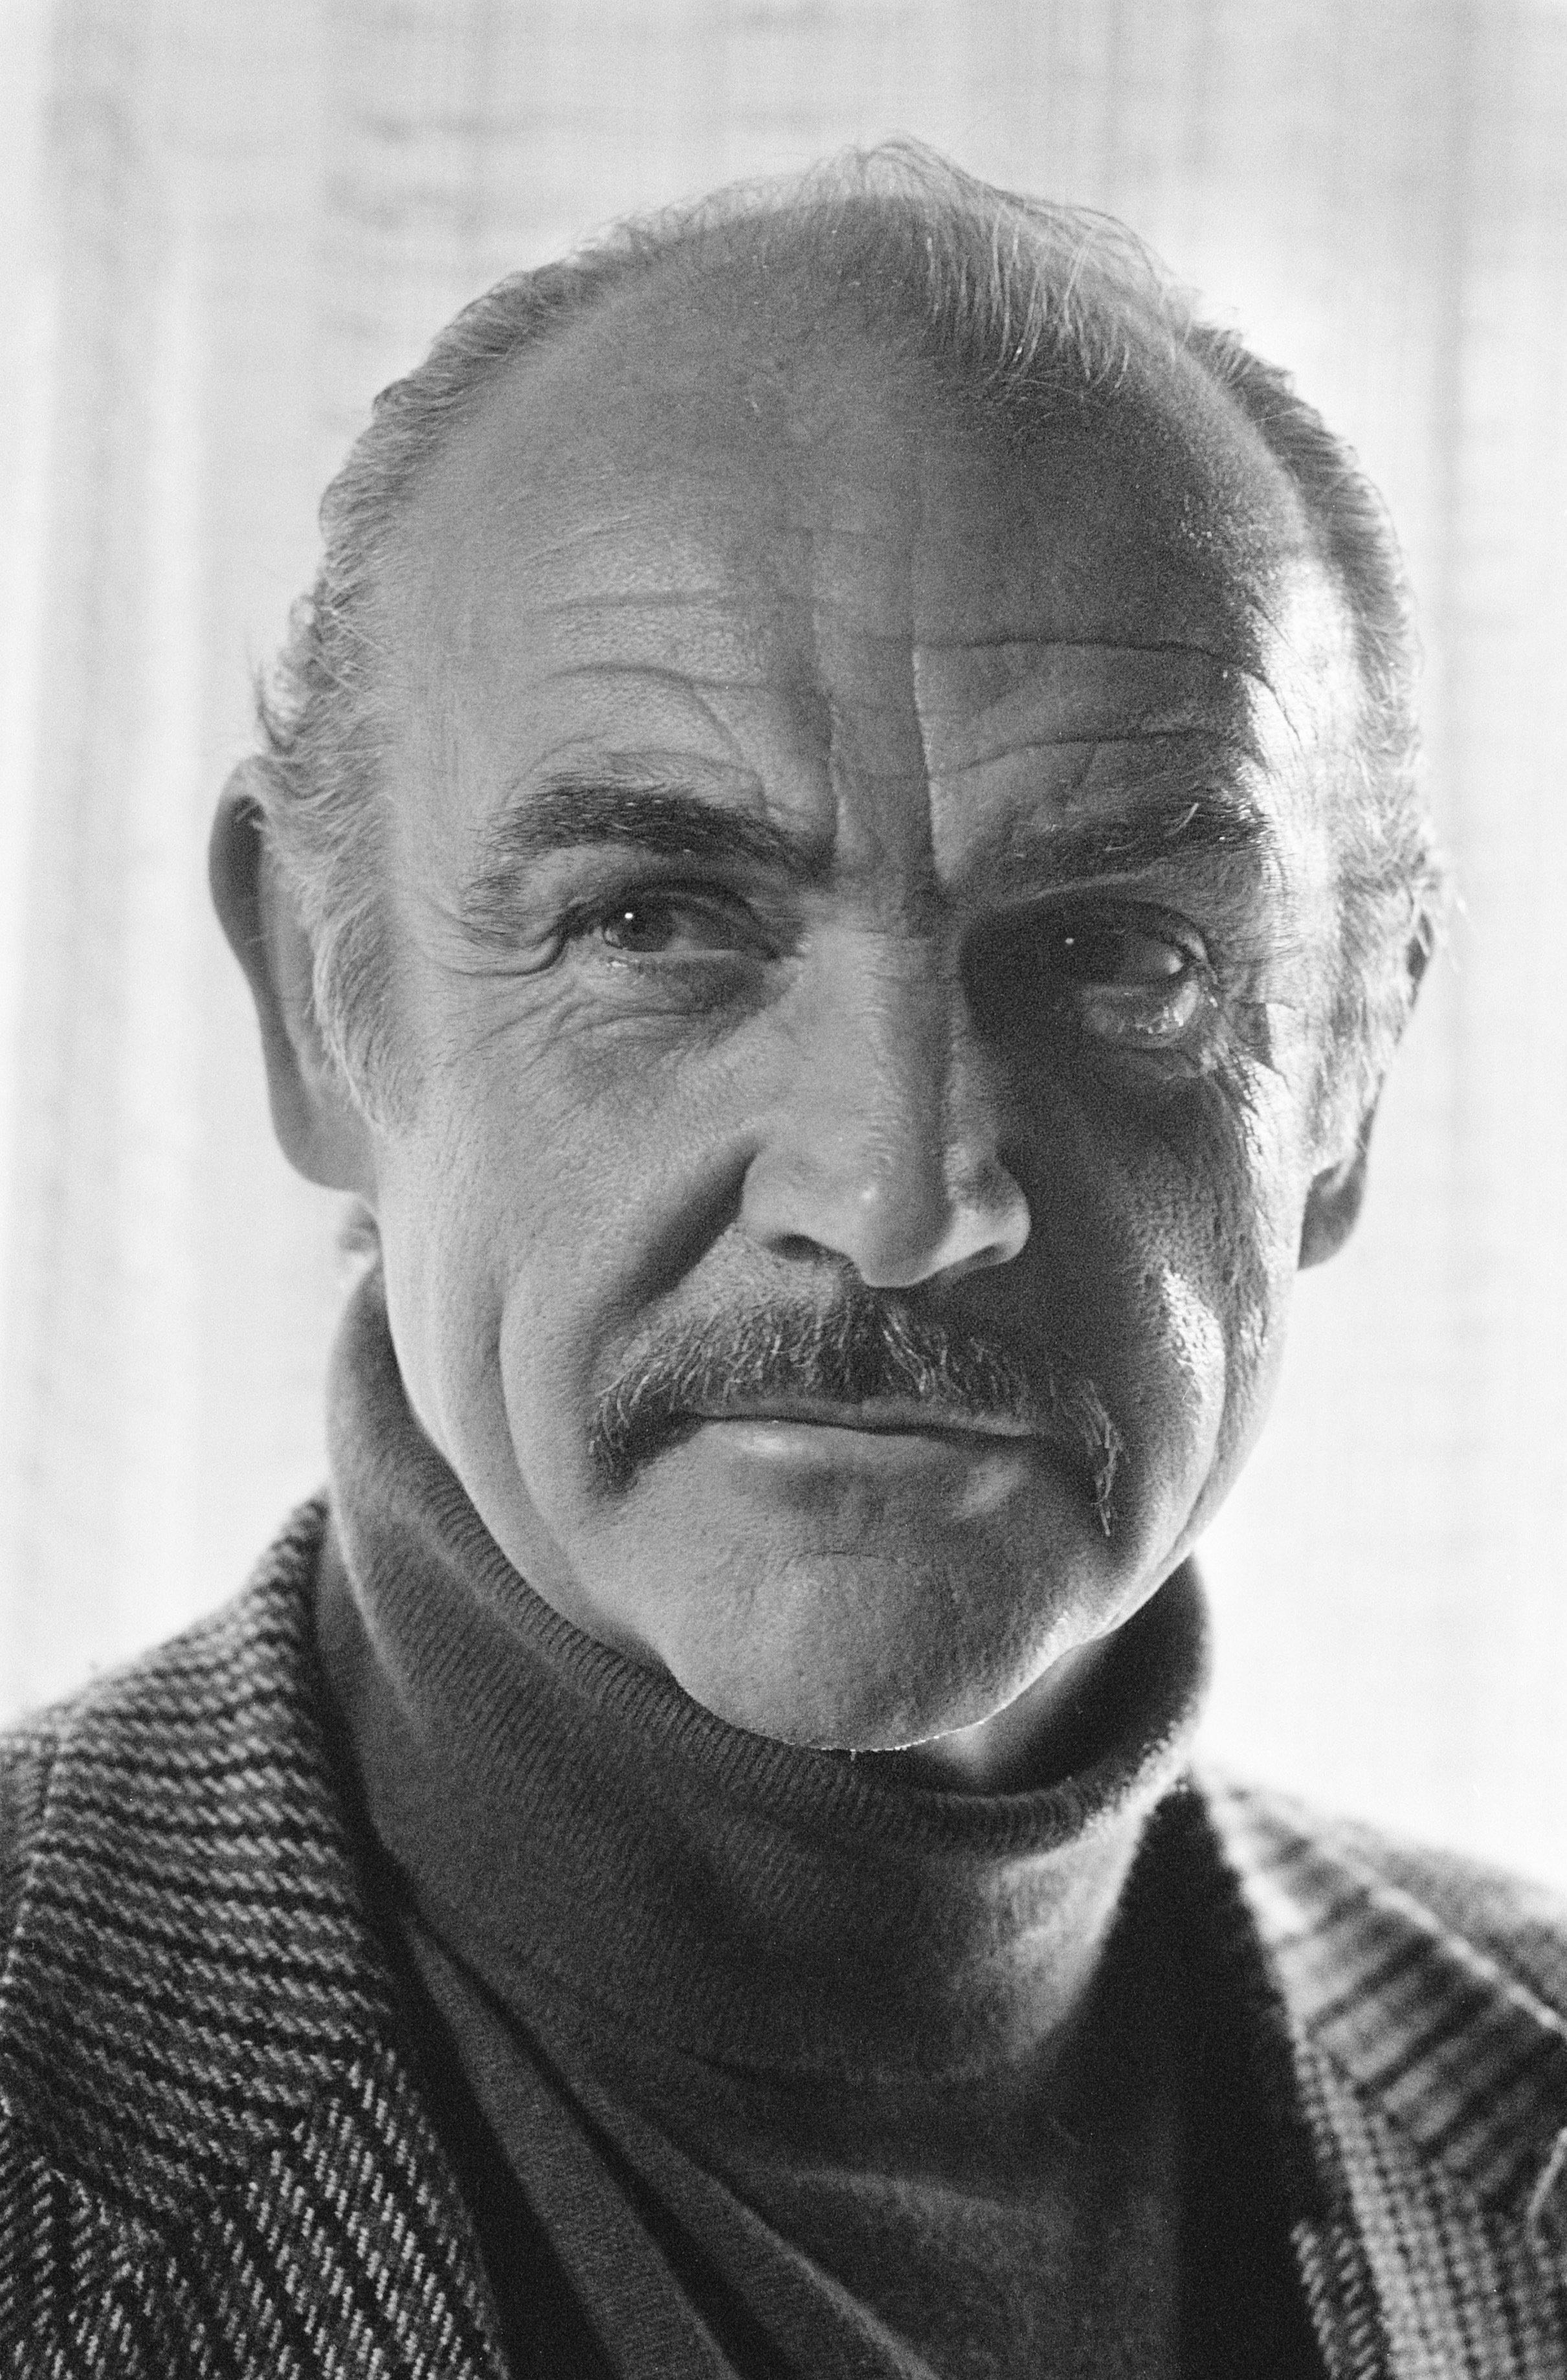 Falleció a sus 90 años Sean Connery